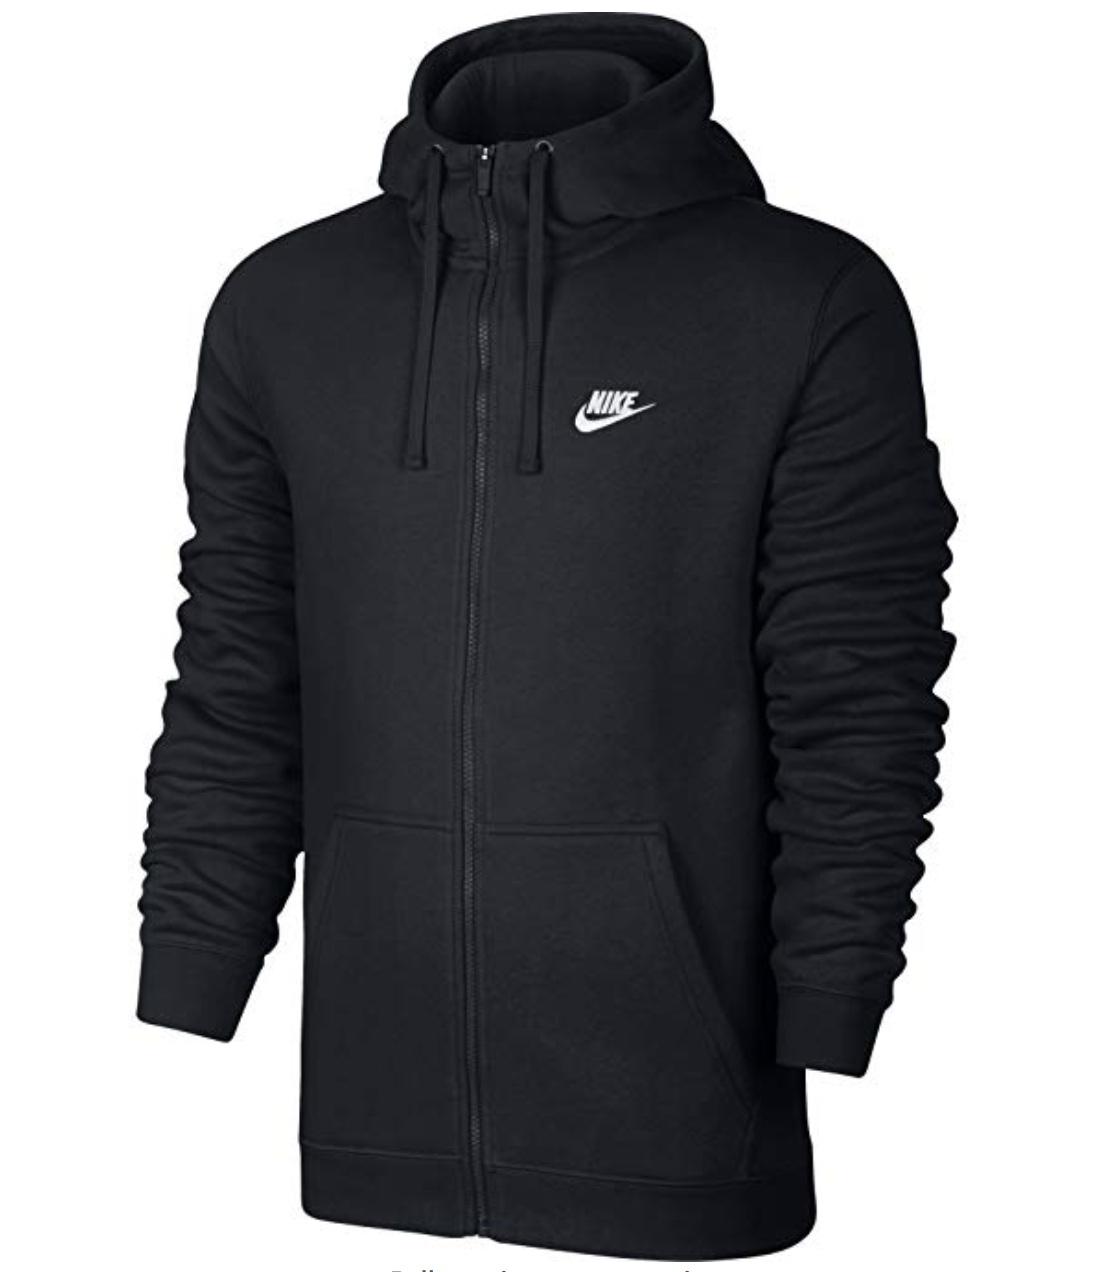 Nike Sportswear Zip Up - $36